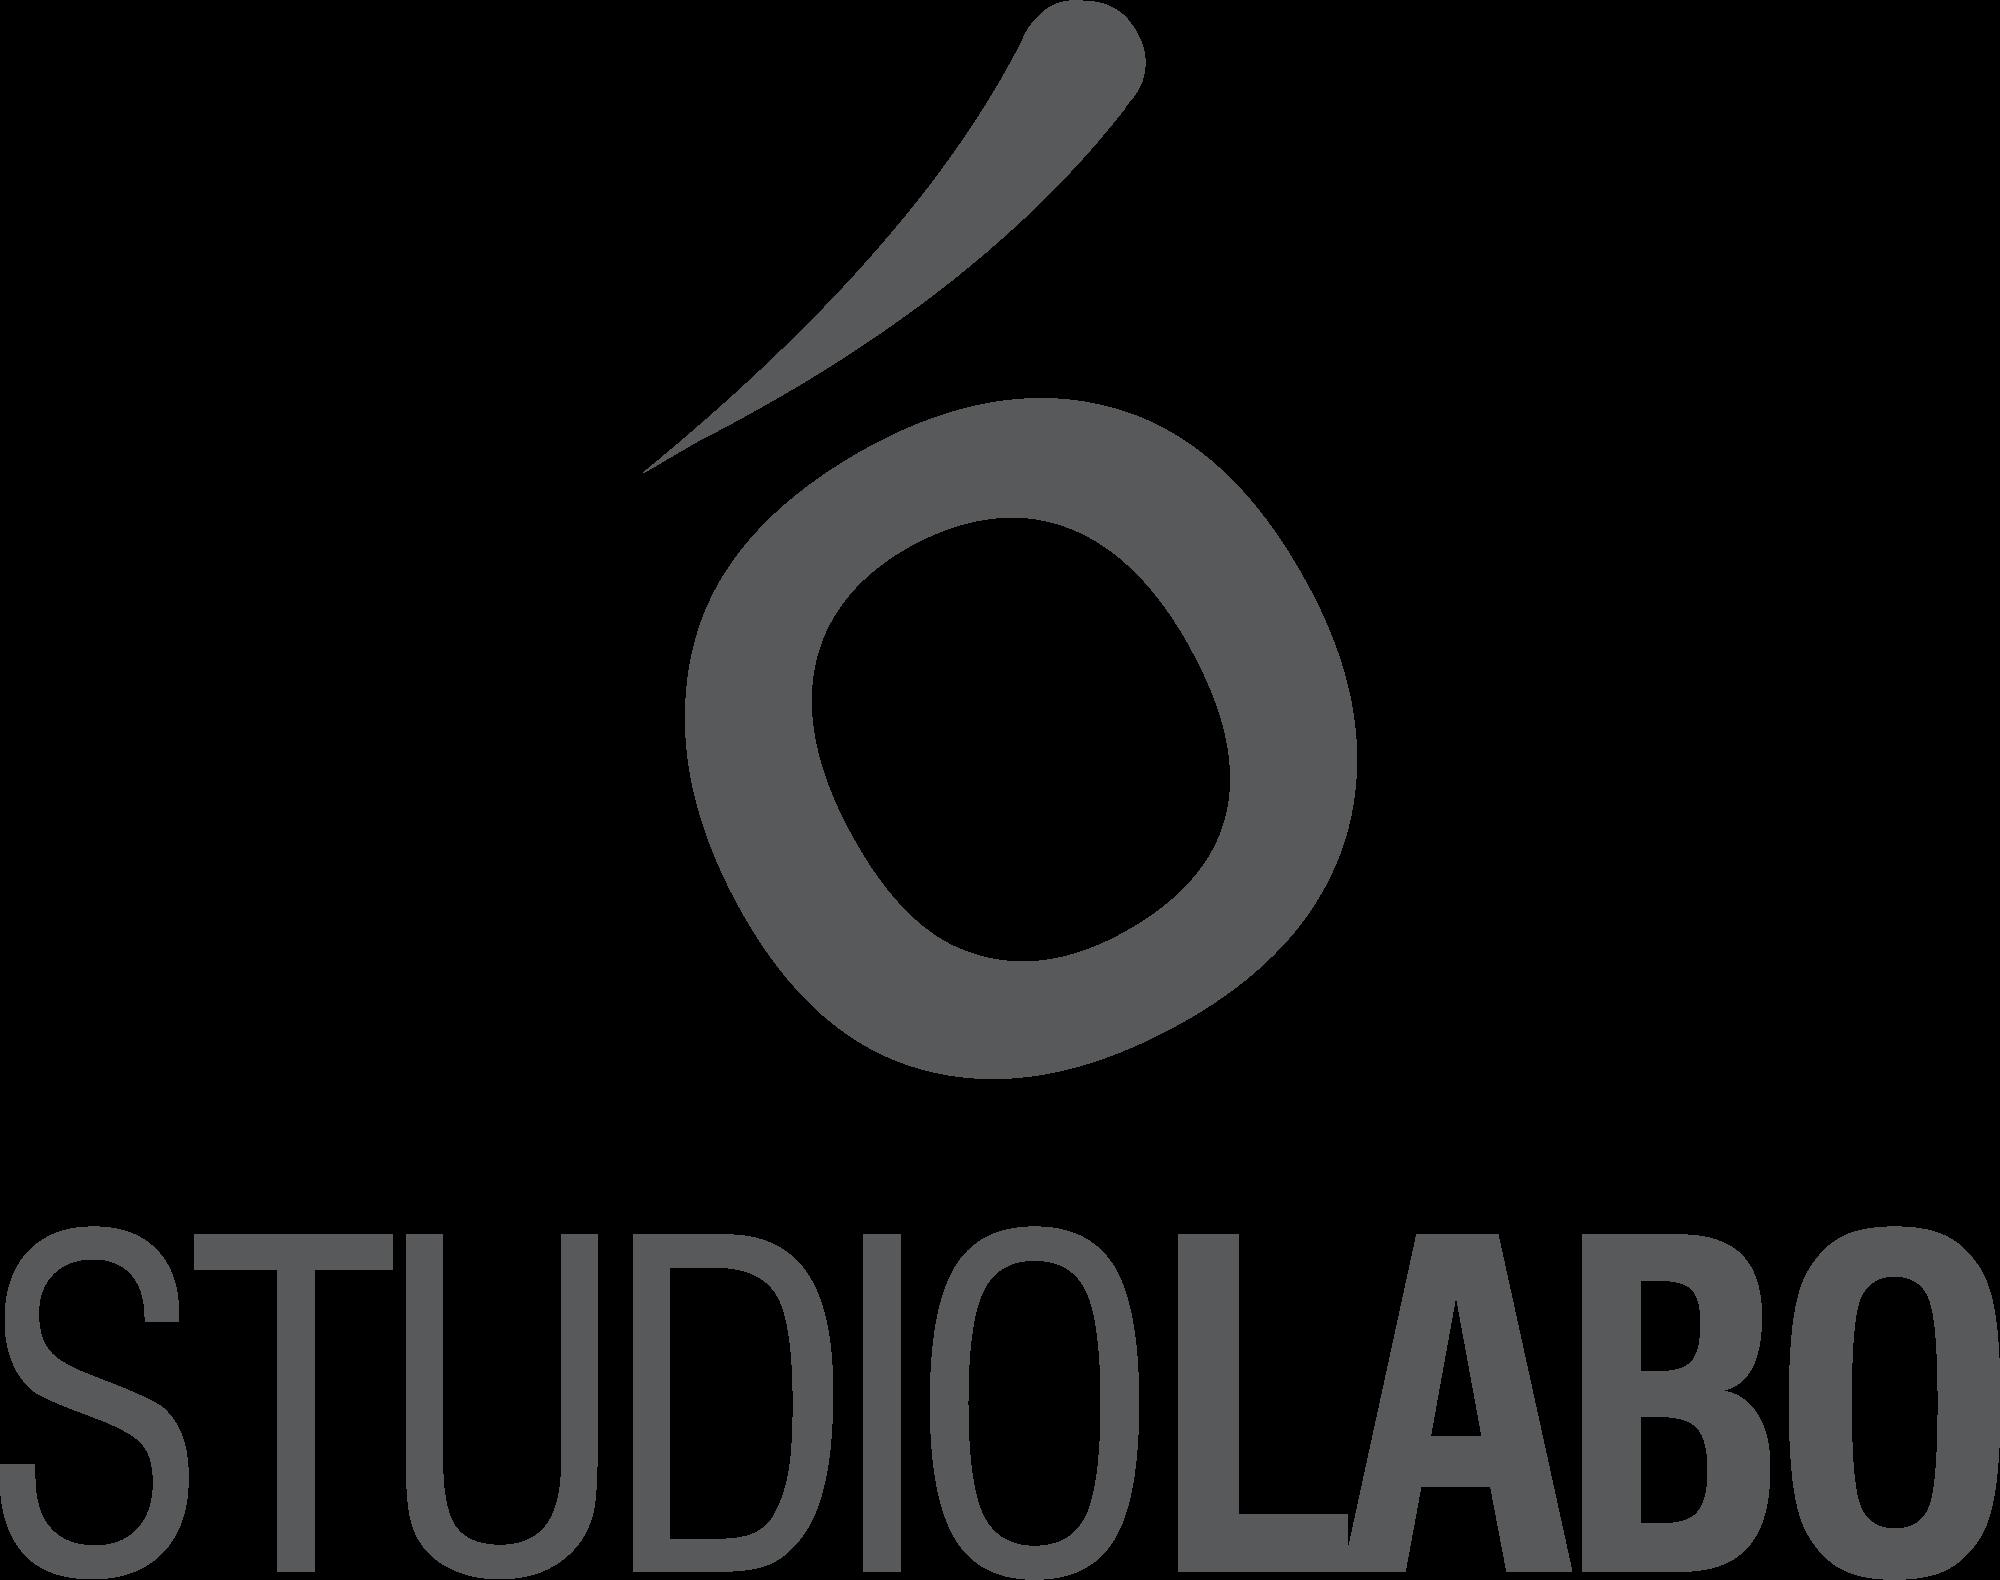 studiolabo-logo